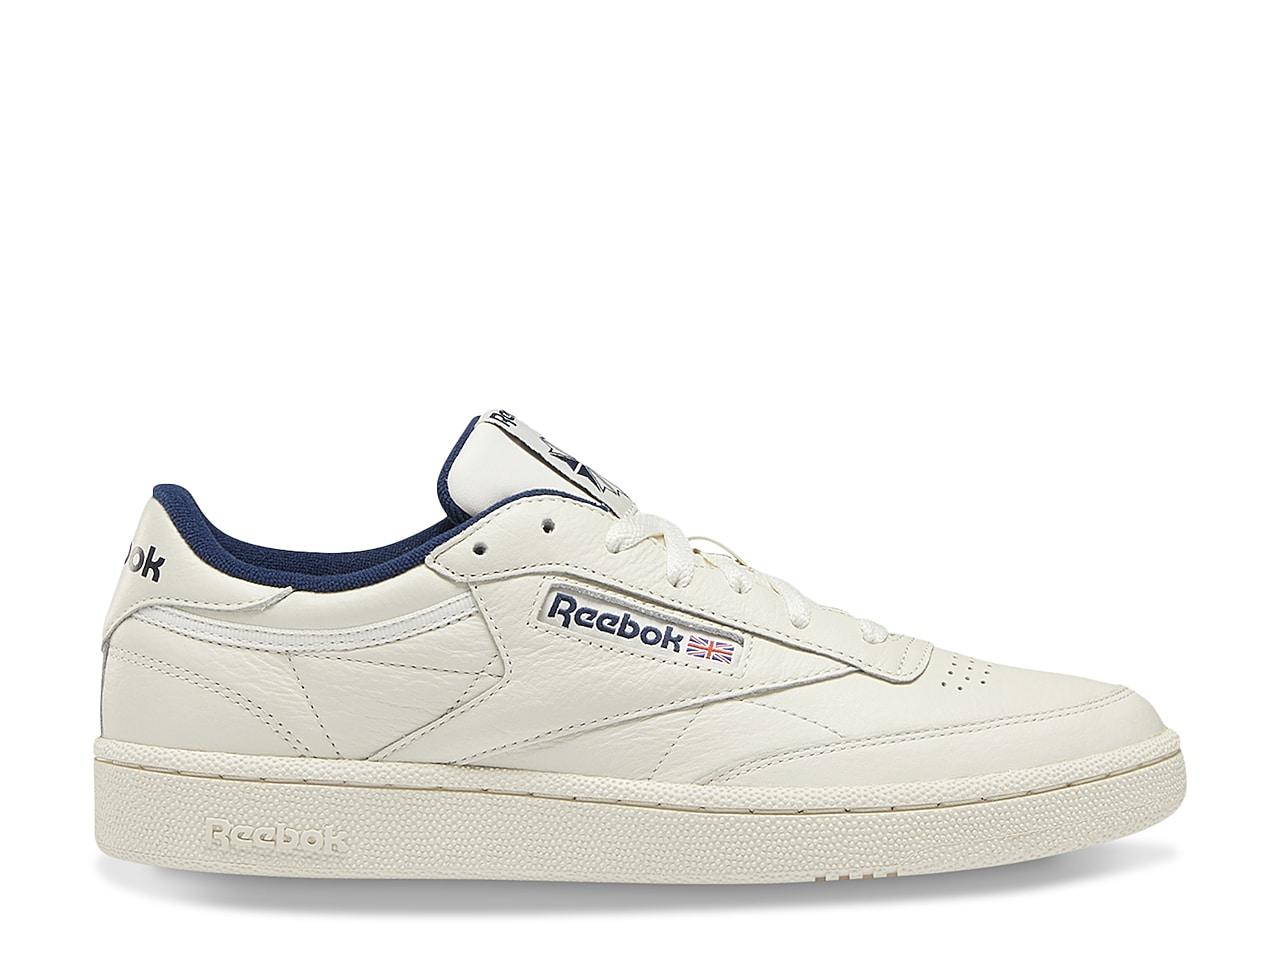 Reebok Club C 85 Vintage Sneaker - Men's